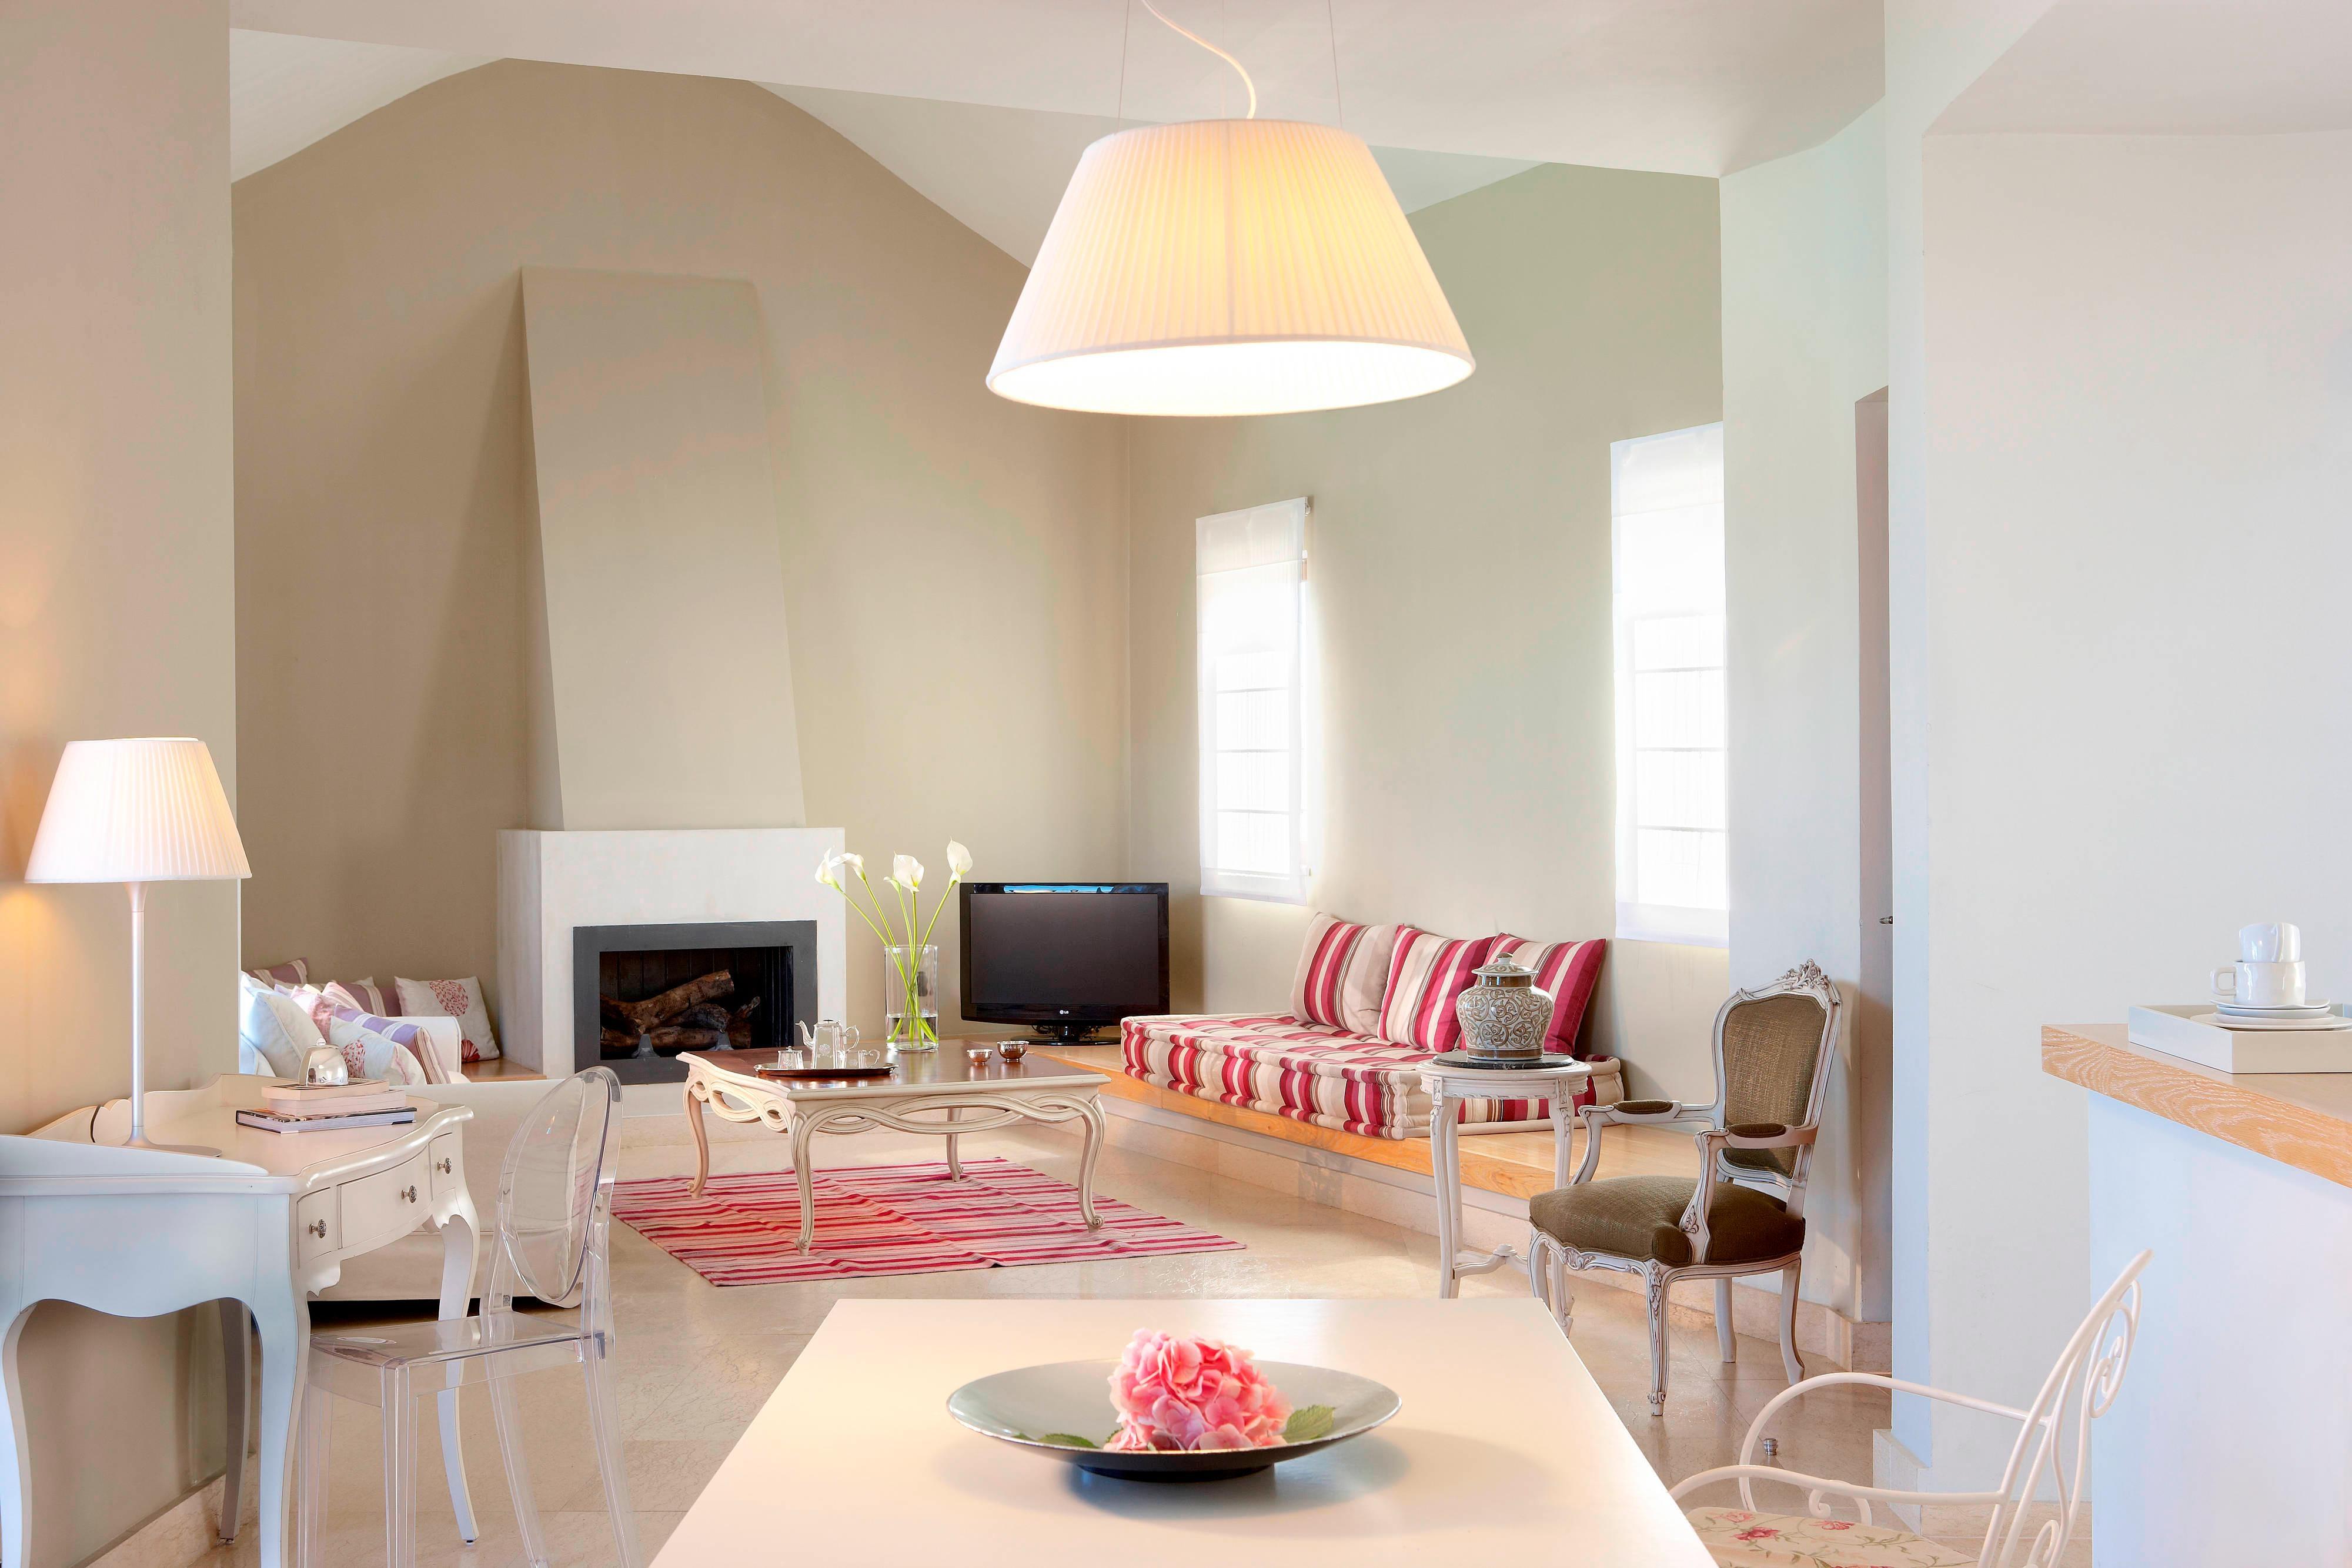 Villa de luxe à deux chambres, salon